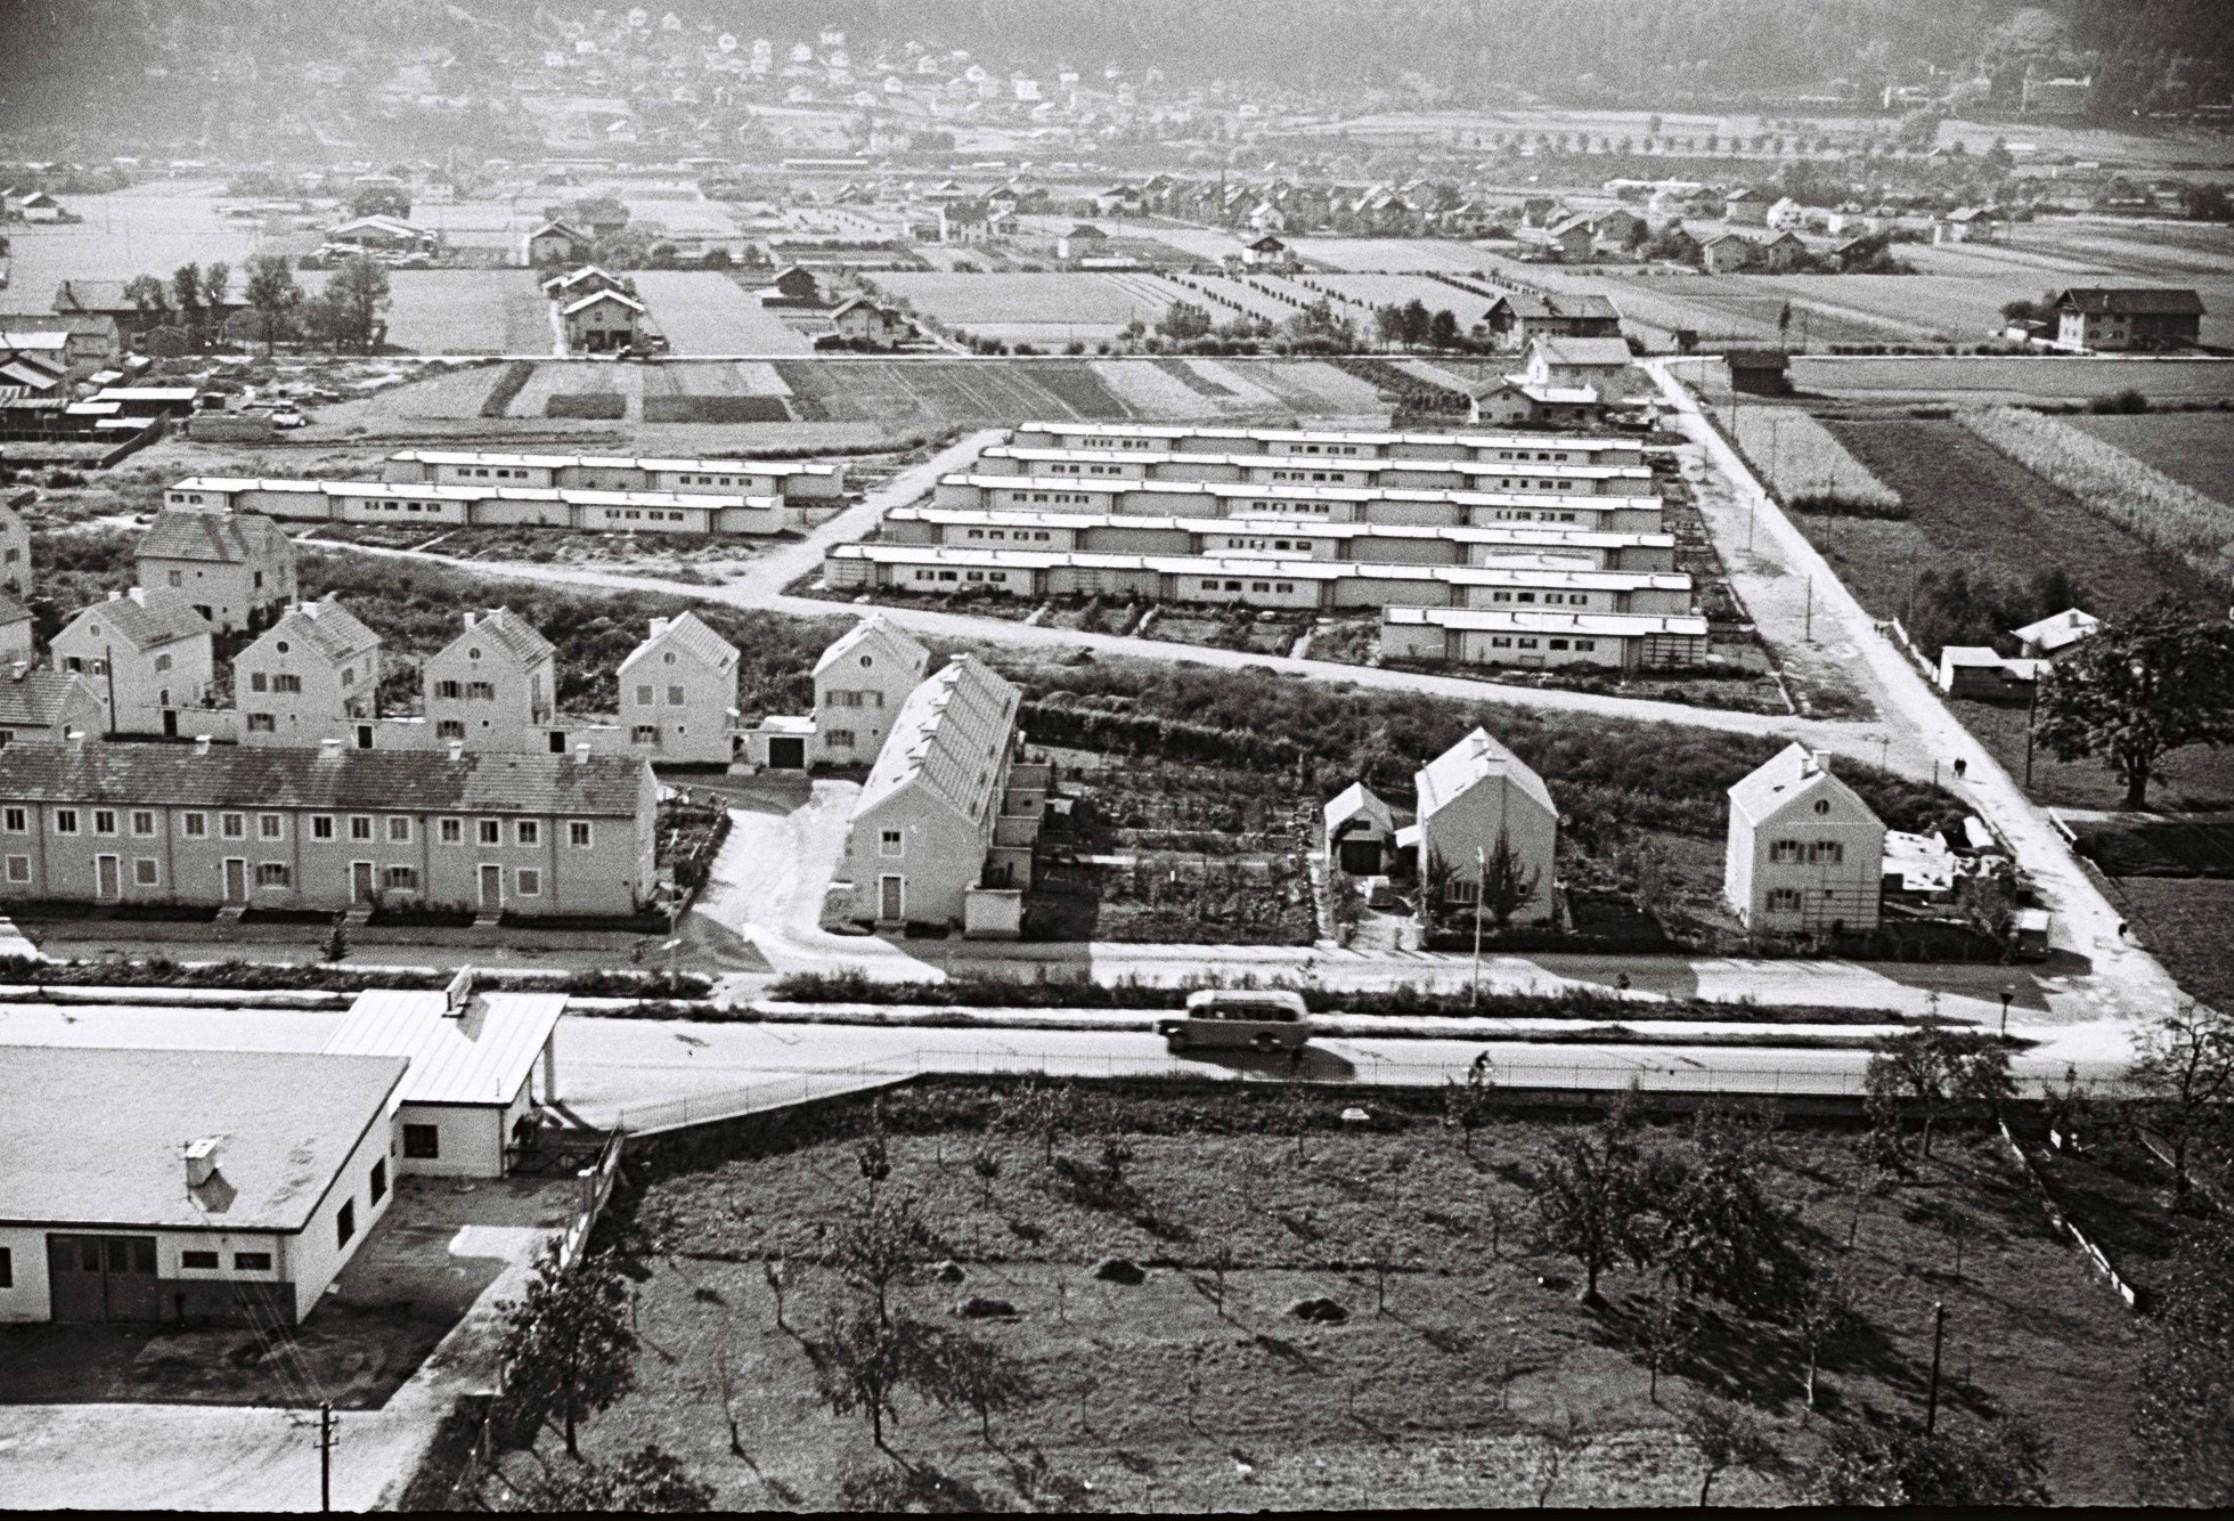 Ein Blick Auf Die Heilig-Jahr-Siedlung